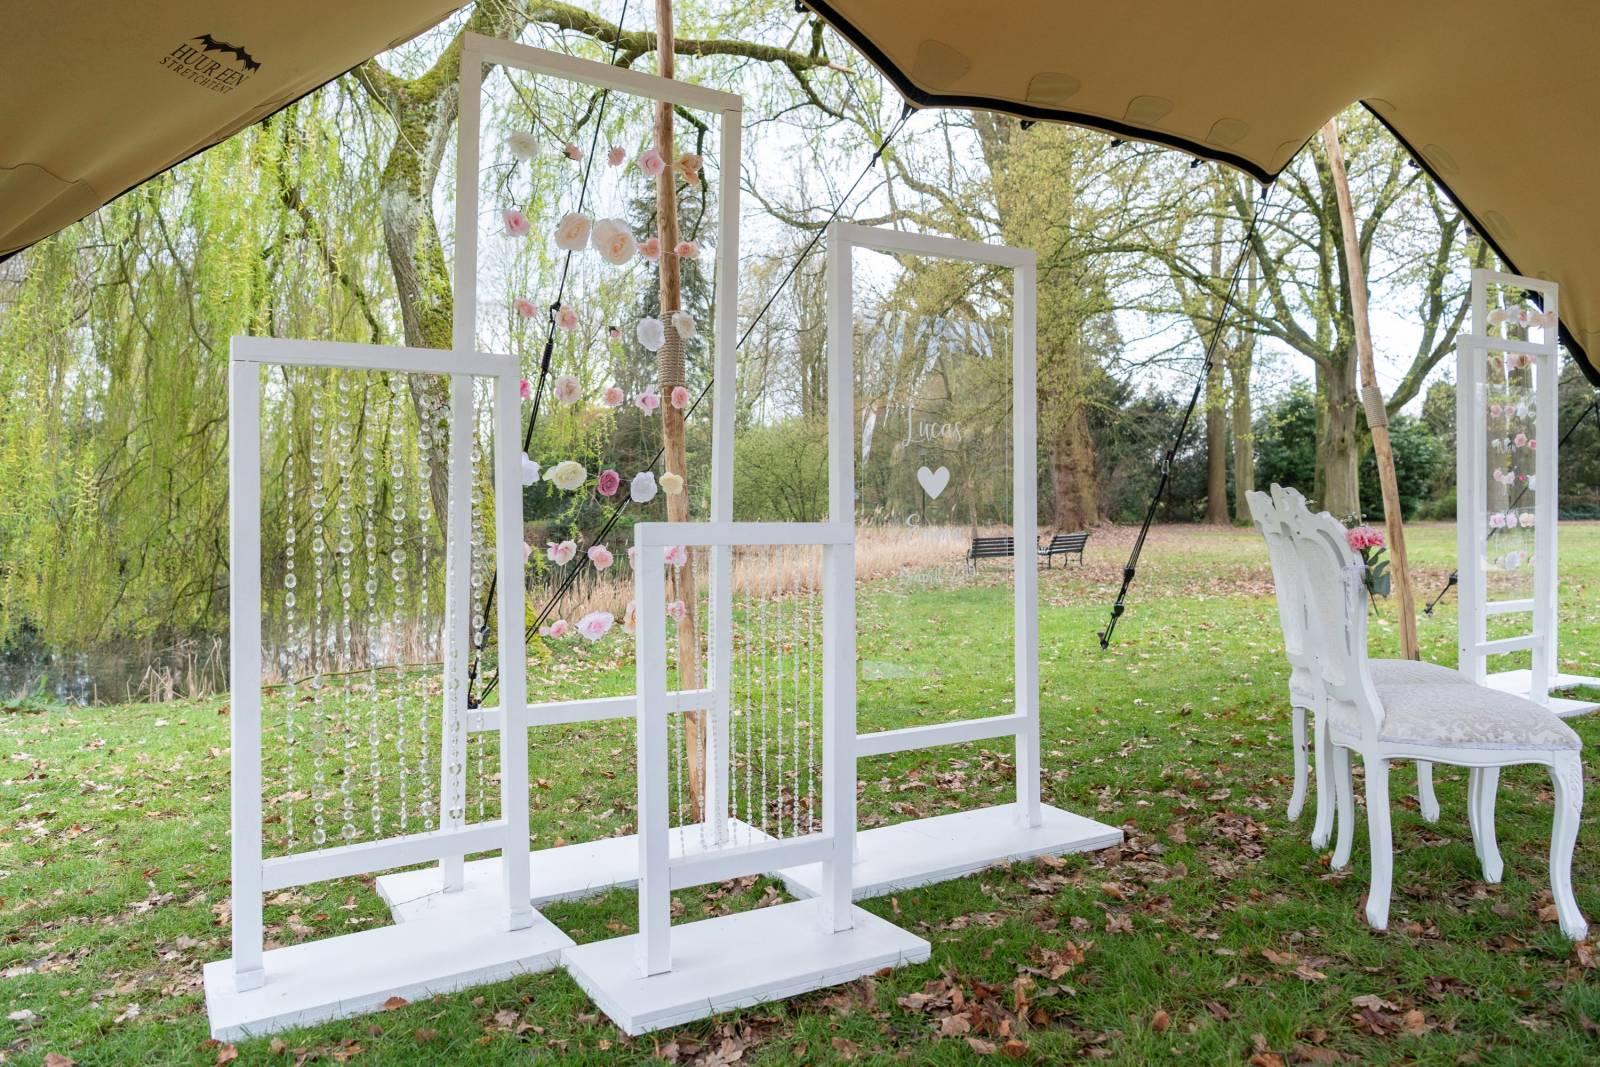 In Style Styling & Decoraties - Trouwdecoratie - Verhuurbedrijf - Wedding Design - House of Weddings - 20